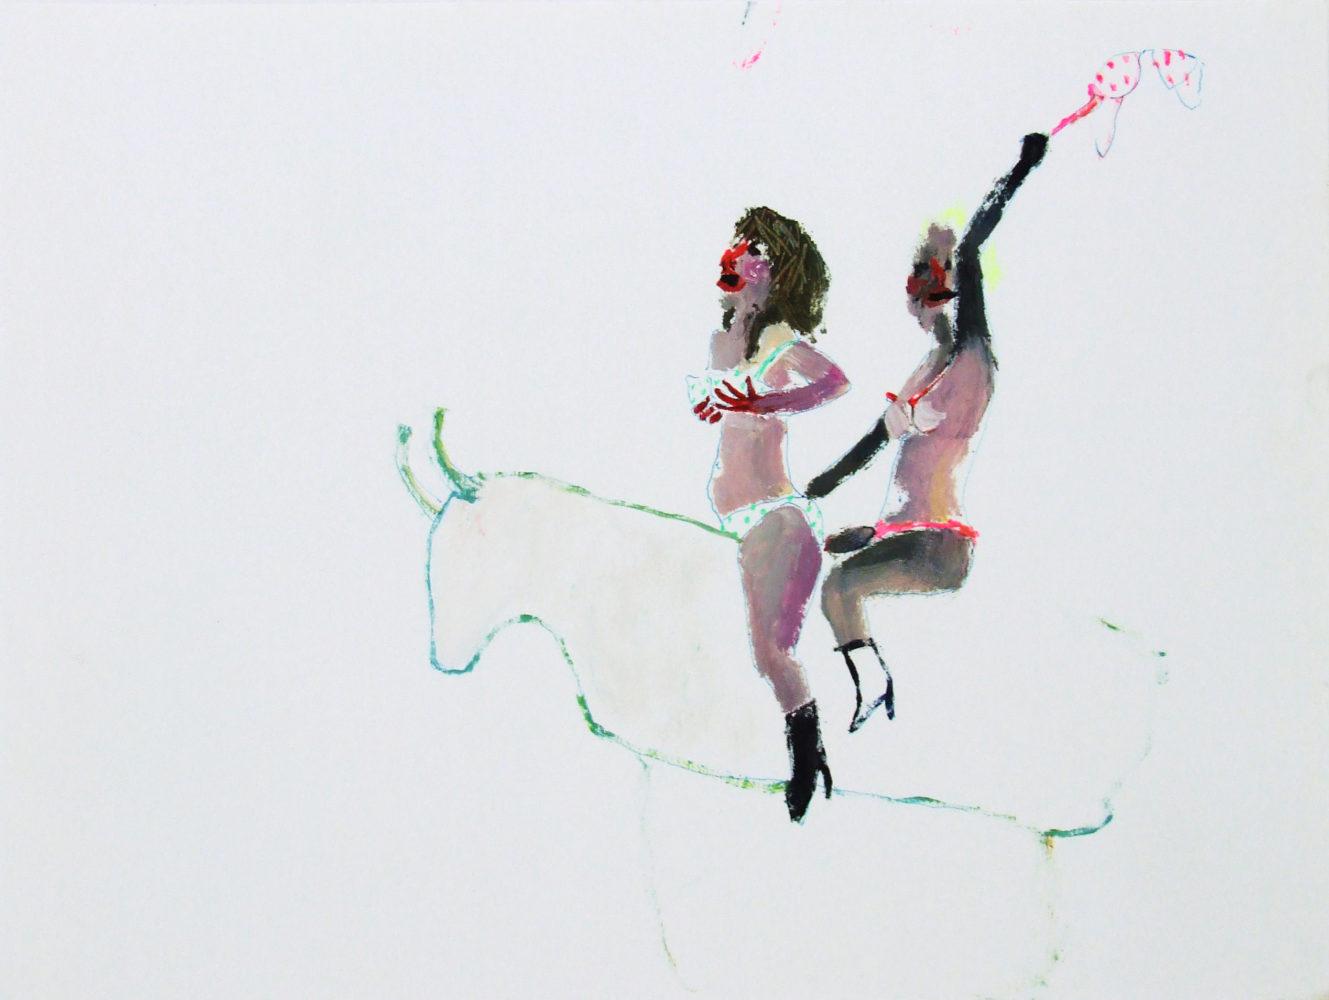 Bel Fullana – MECHANICAL BULL. Oil and pen on paper. 29'7 x 21 cm. 2012